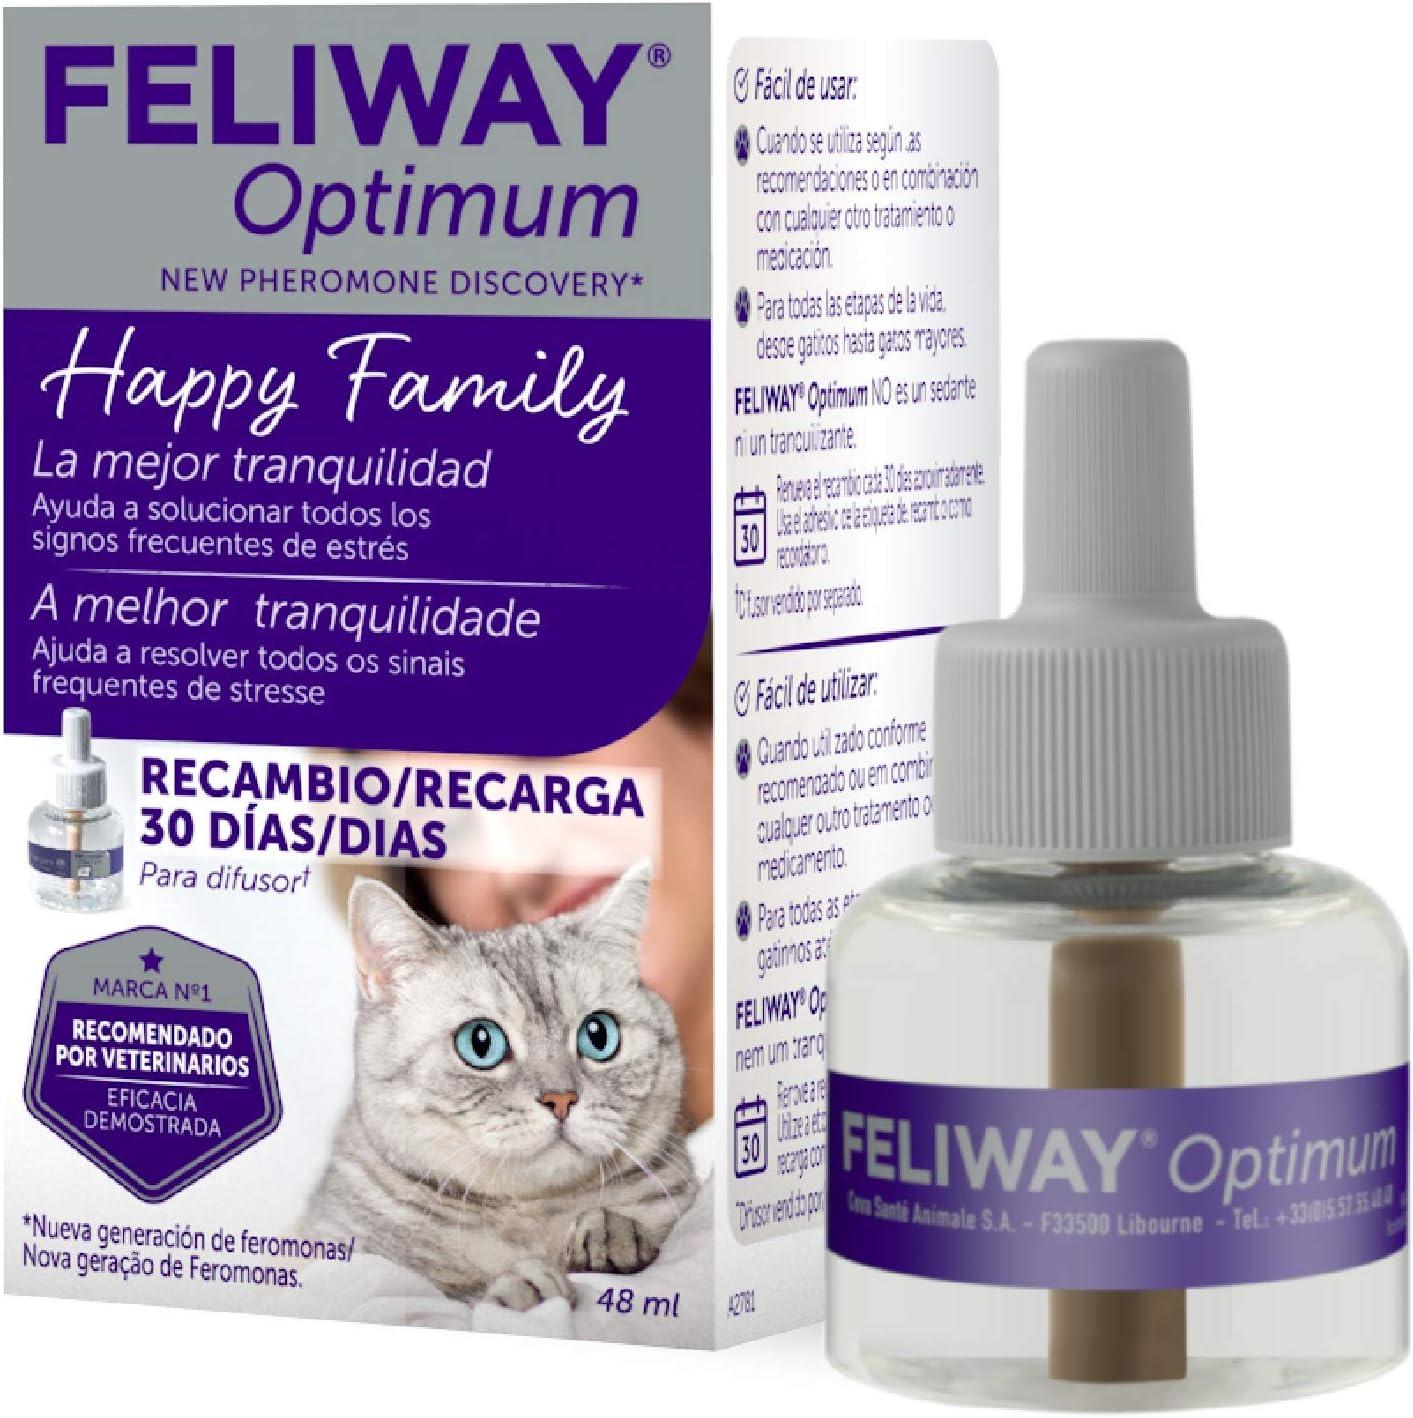 FELIWAY Optimum - Nueva Generación de Feromonas - Soluciona todos los signos de estrés del gato - Arañazos, miedos,cambios, marcaje con orina, tensiones y conflictos entre gatos - Recambio 48ml